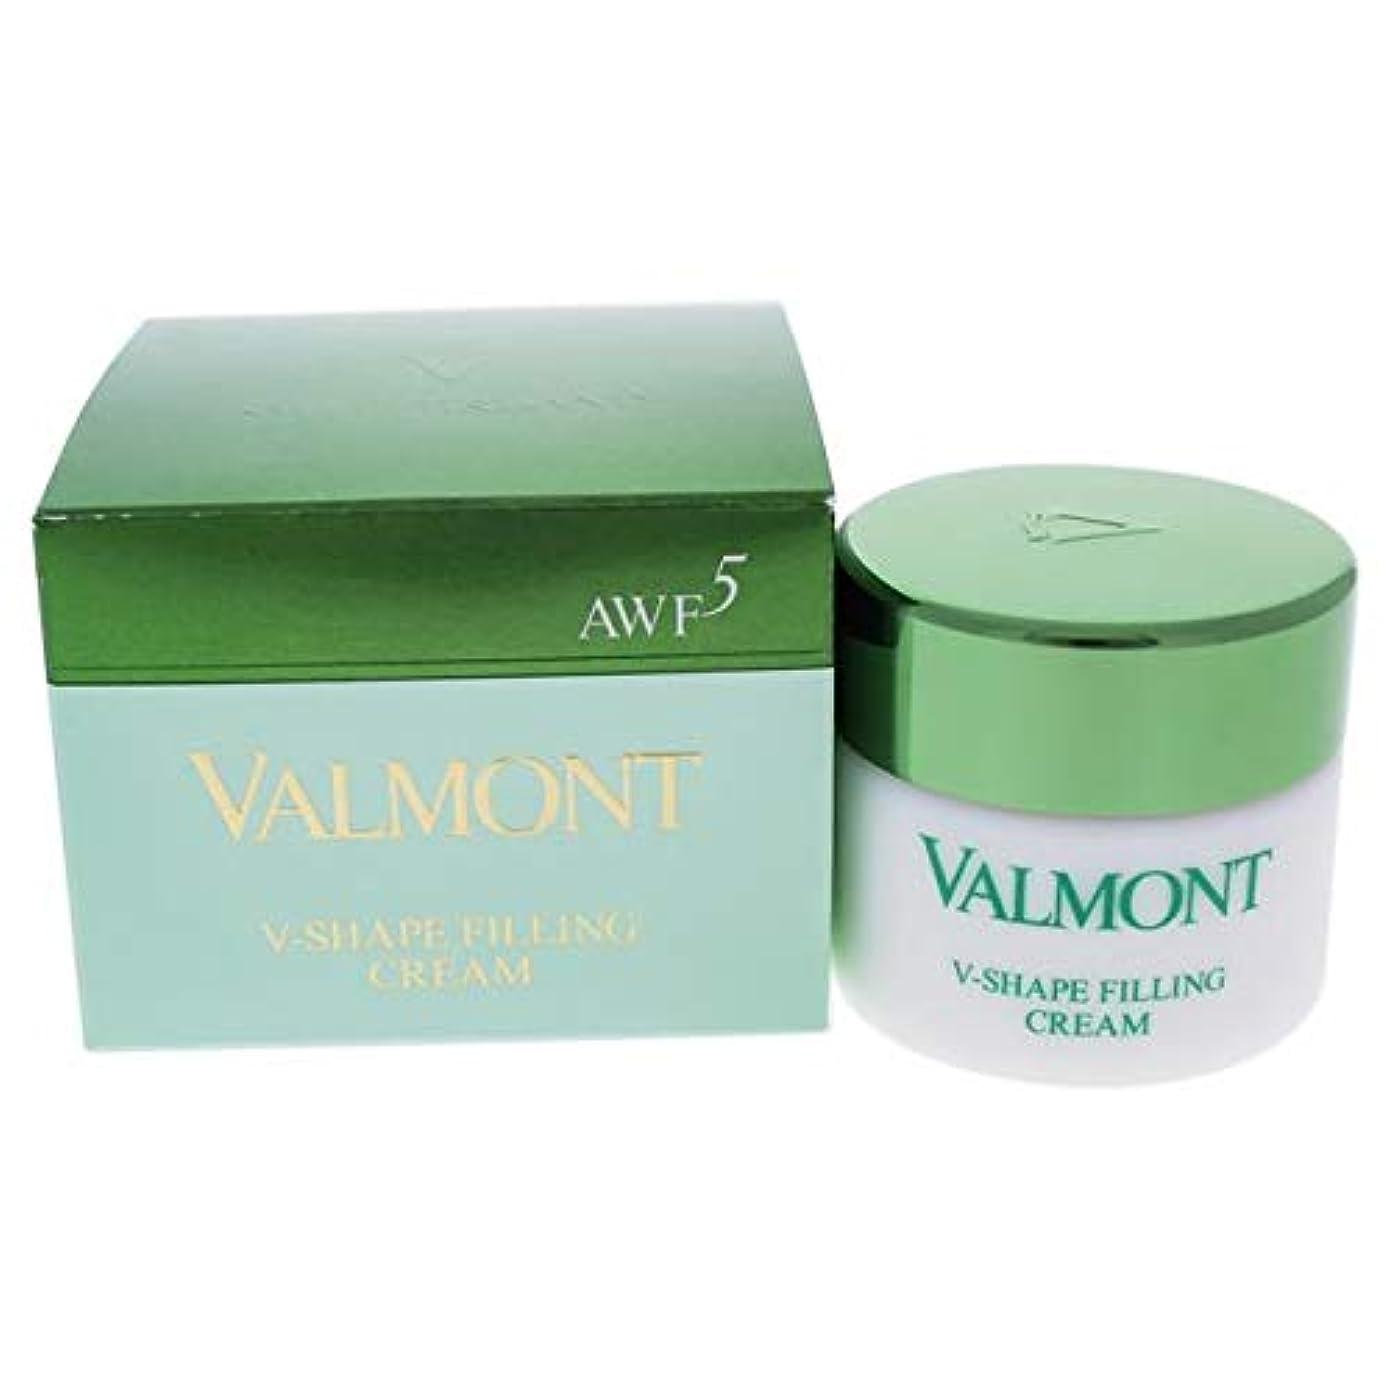 オーバーフロー顎統治可能ヴァルモン AWF5 V-Shape Filling Cream 50ml/1.7oz並行輸入品